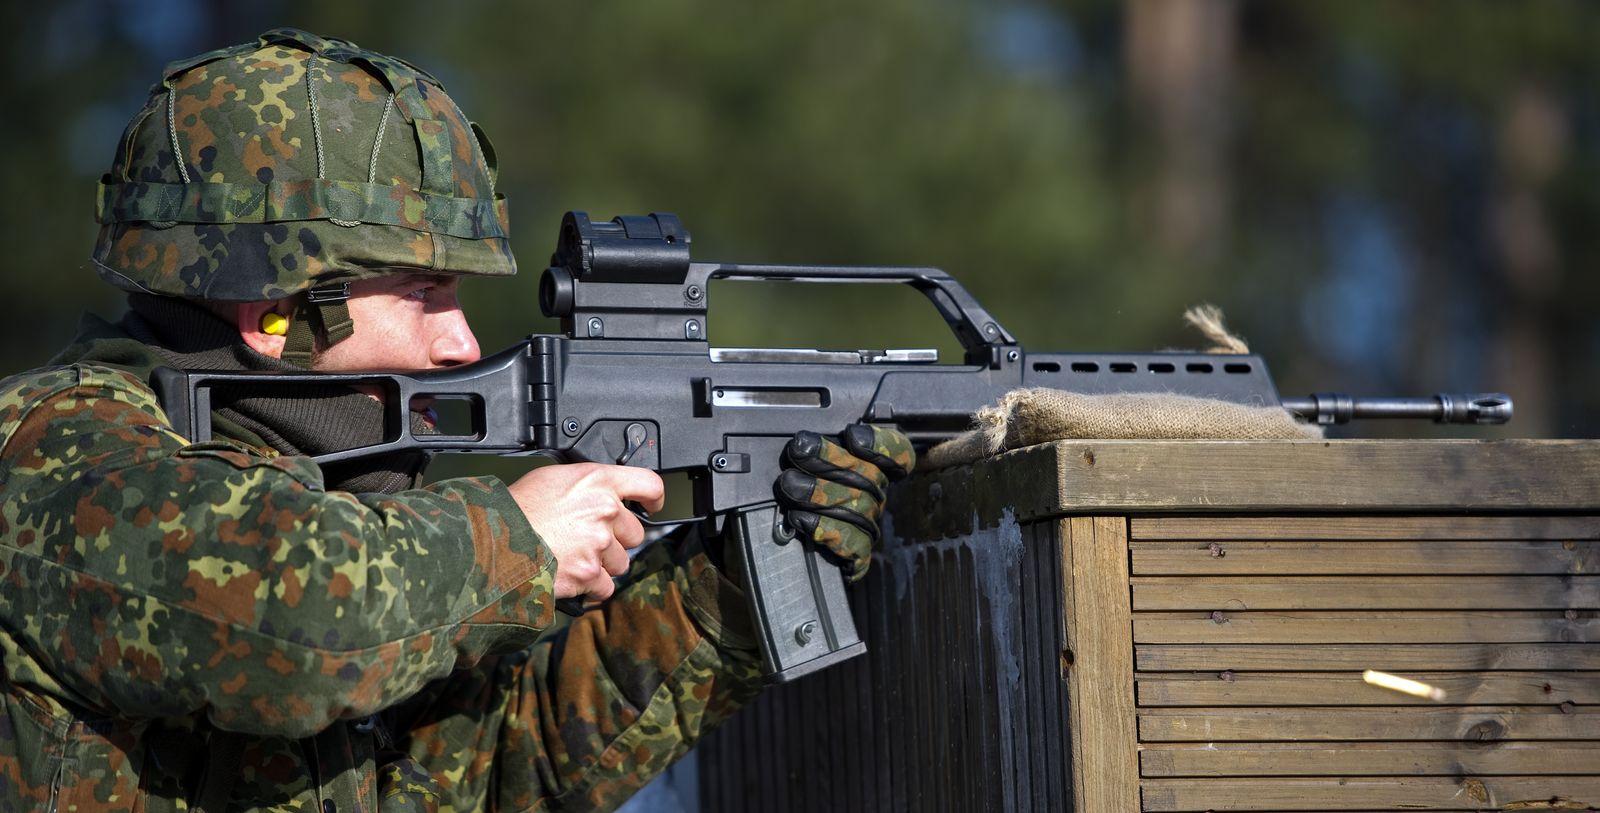 G36-Sturmgewehr